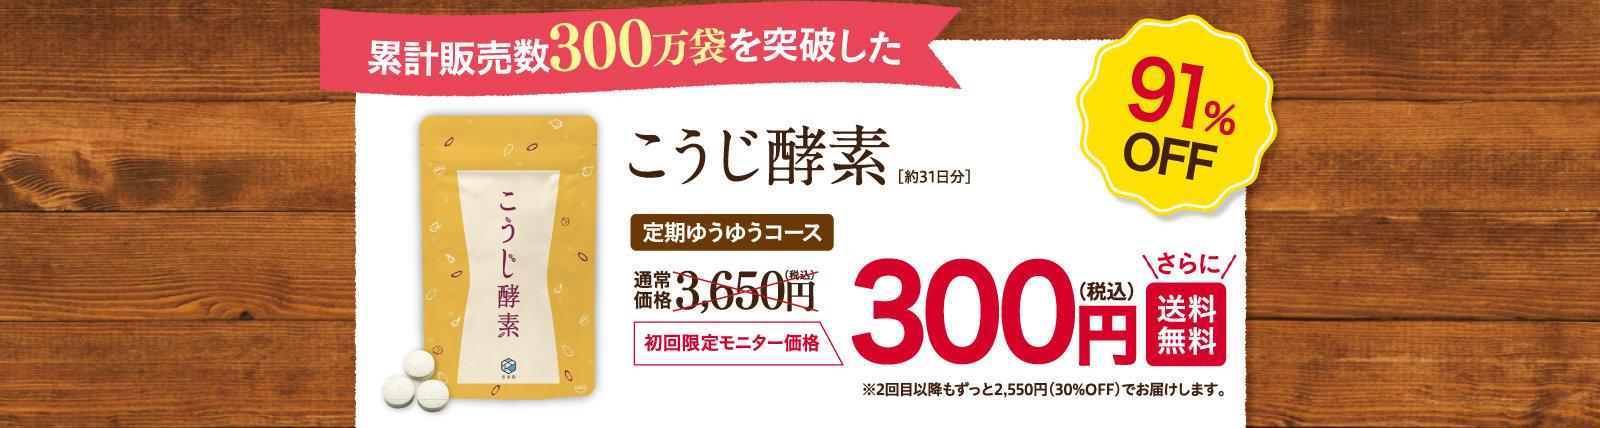 こうじ酵素初回限定モニター価格300円